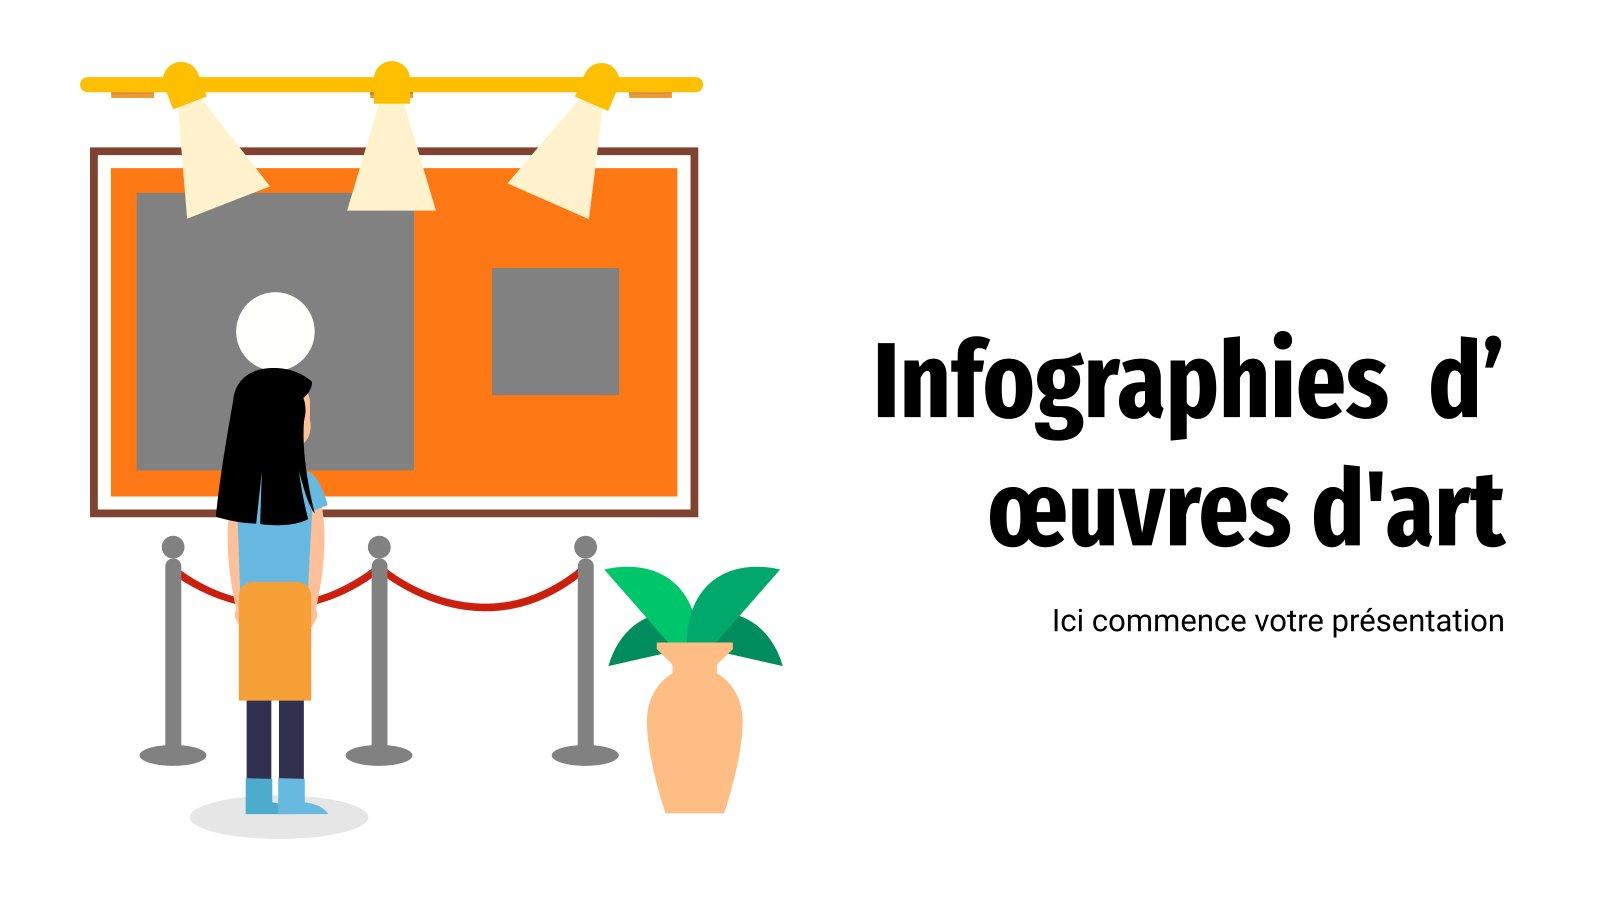 Infographies d'œuvres d'art : Modèles de présentation